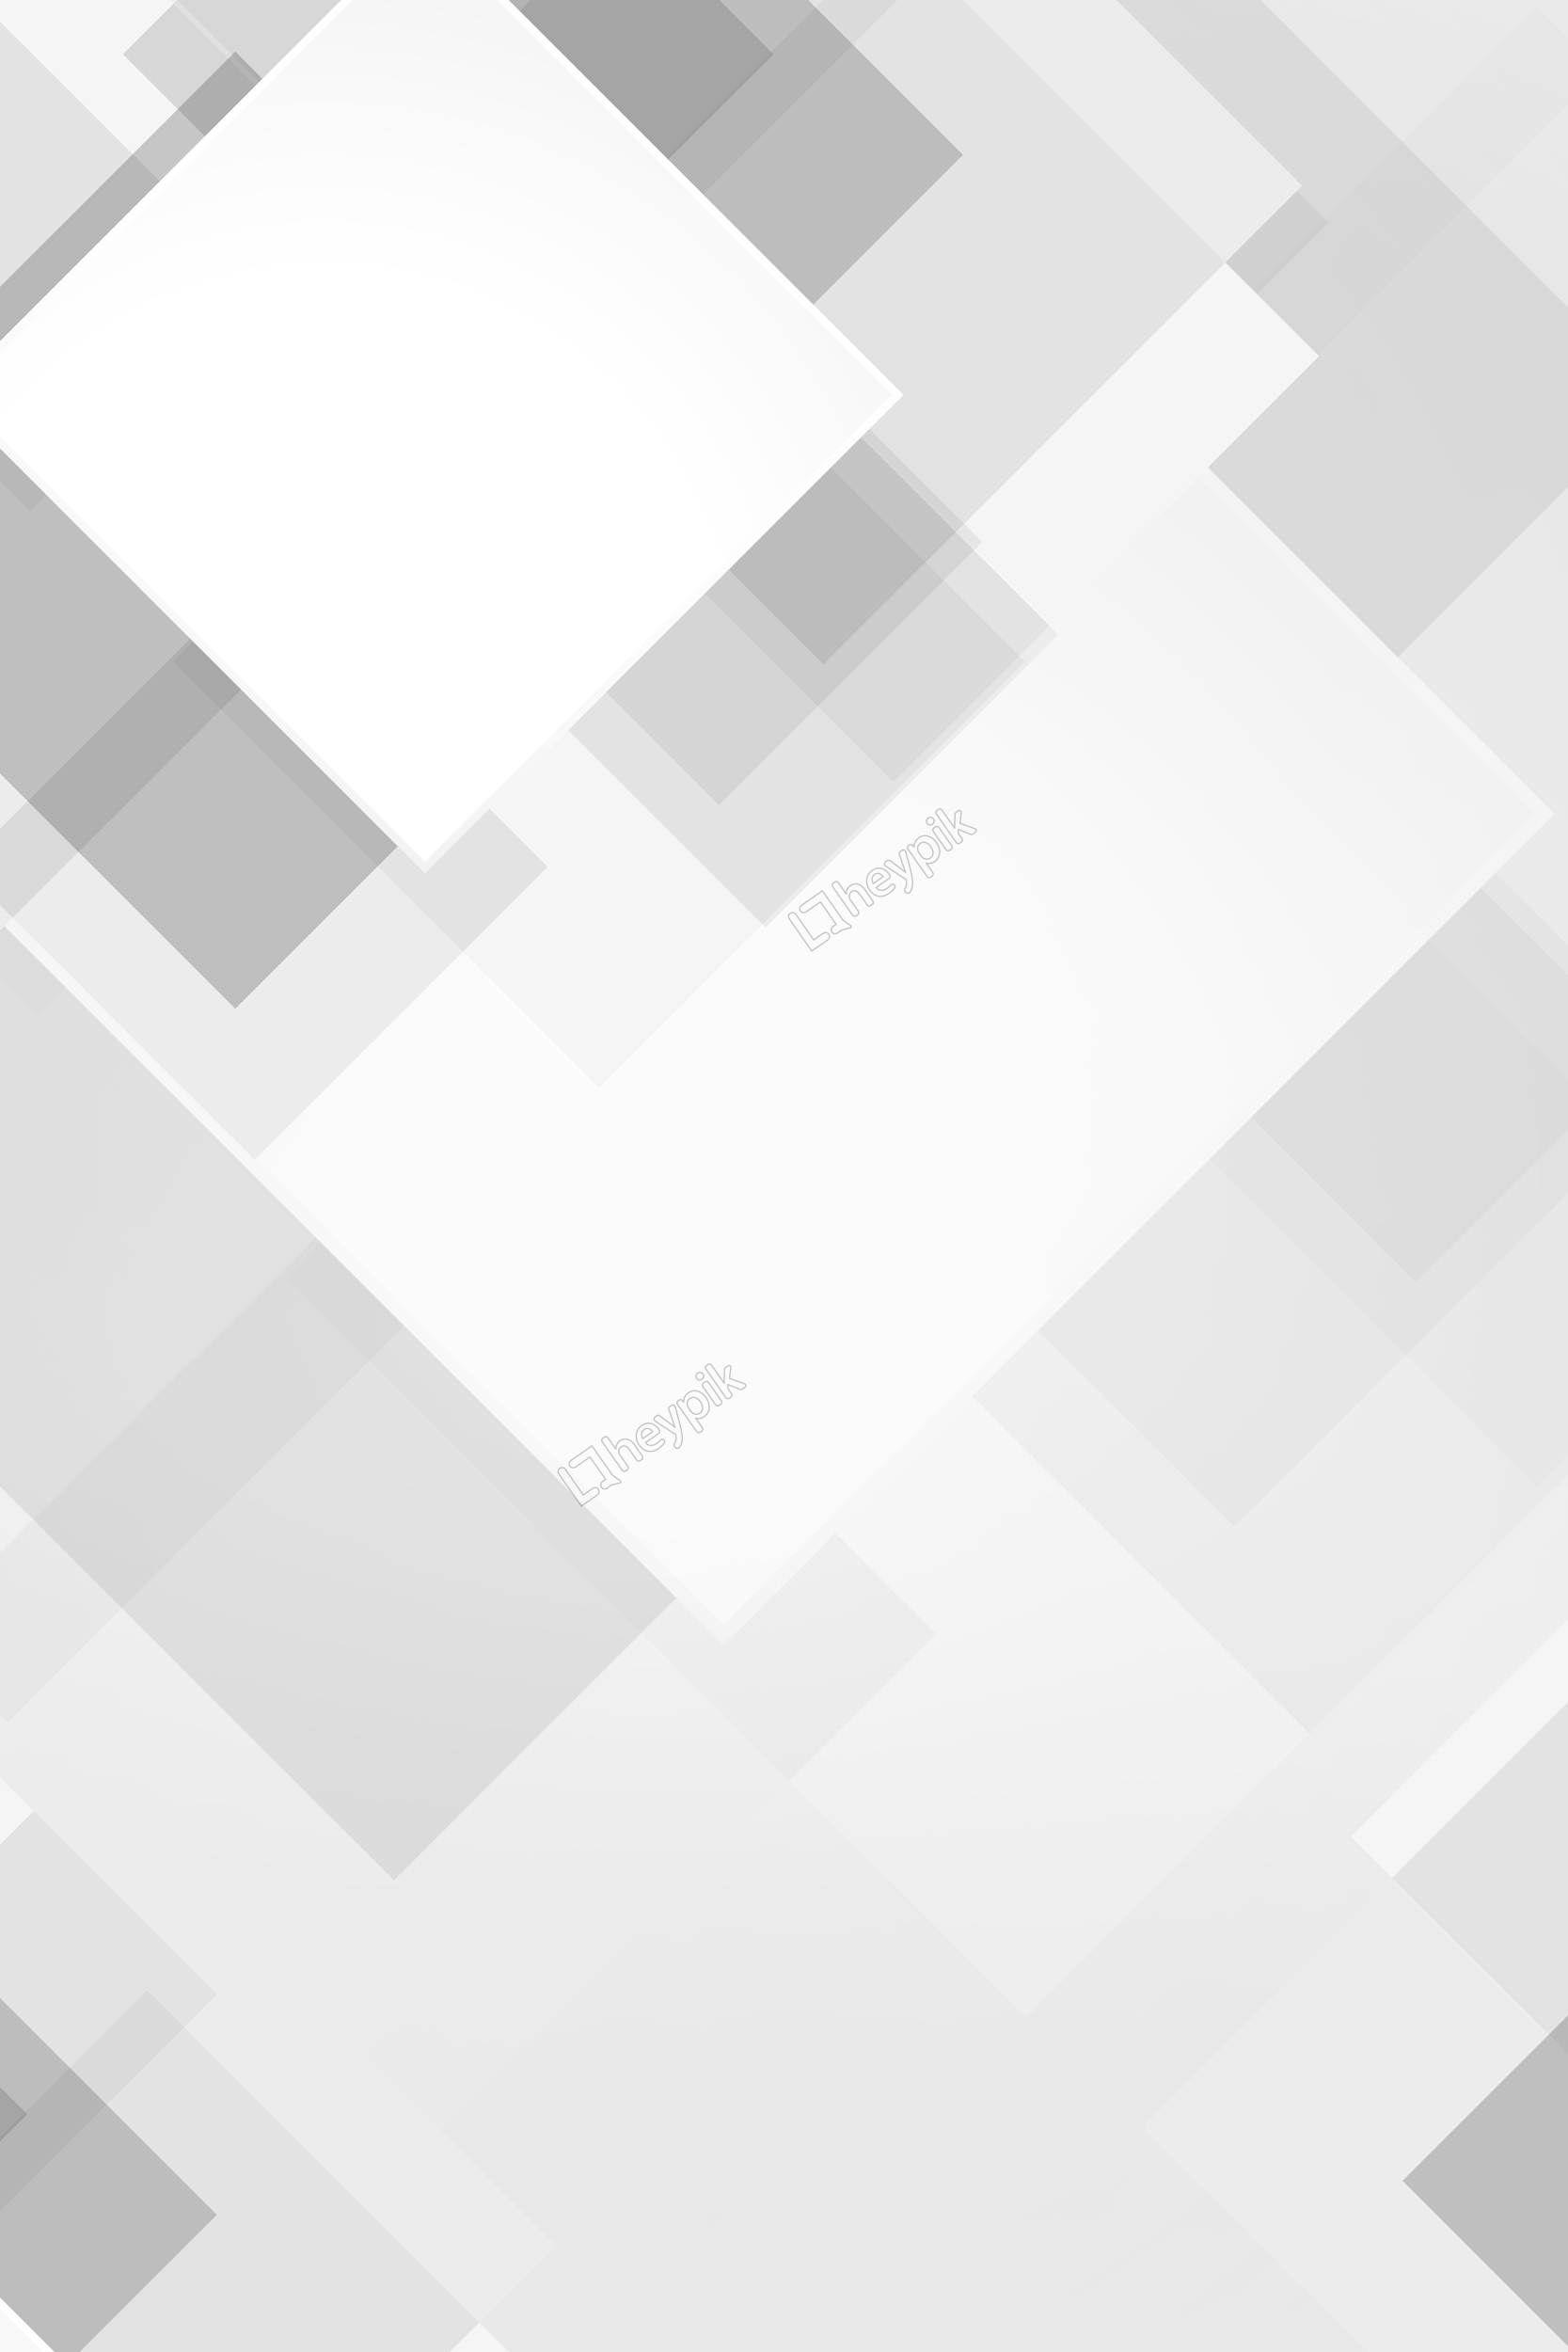 negocio fondo de gris geometr u00eda vector